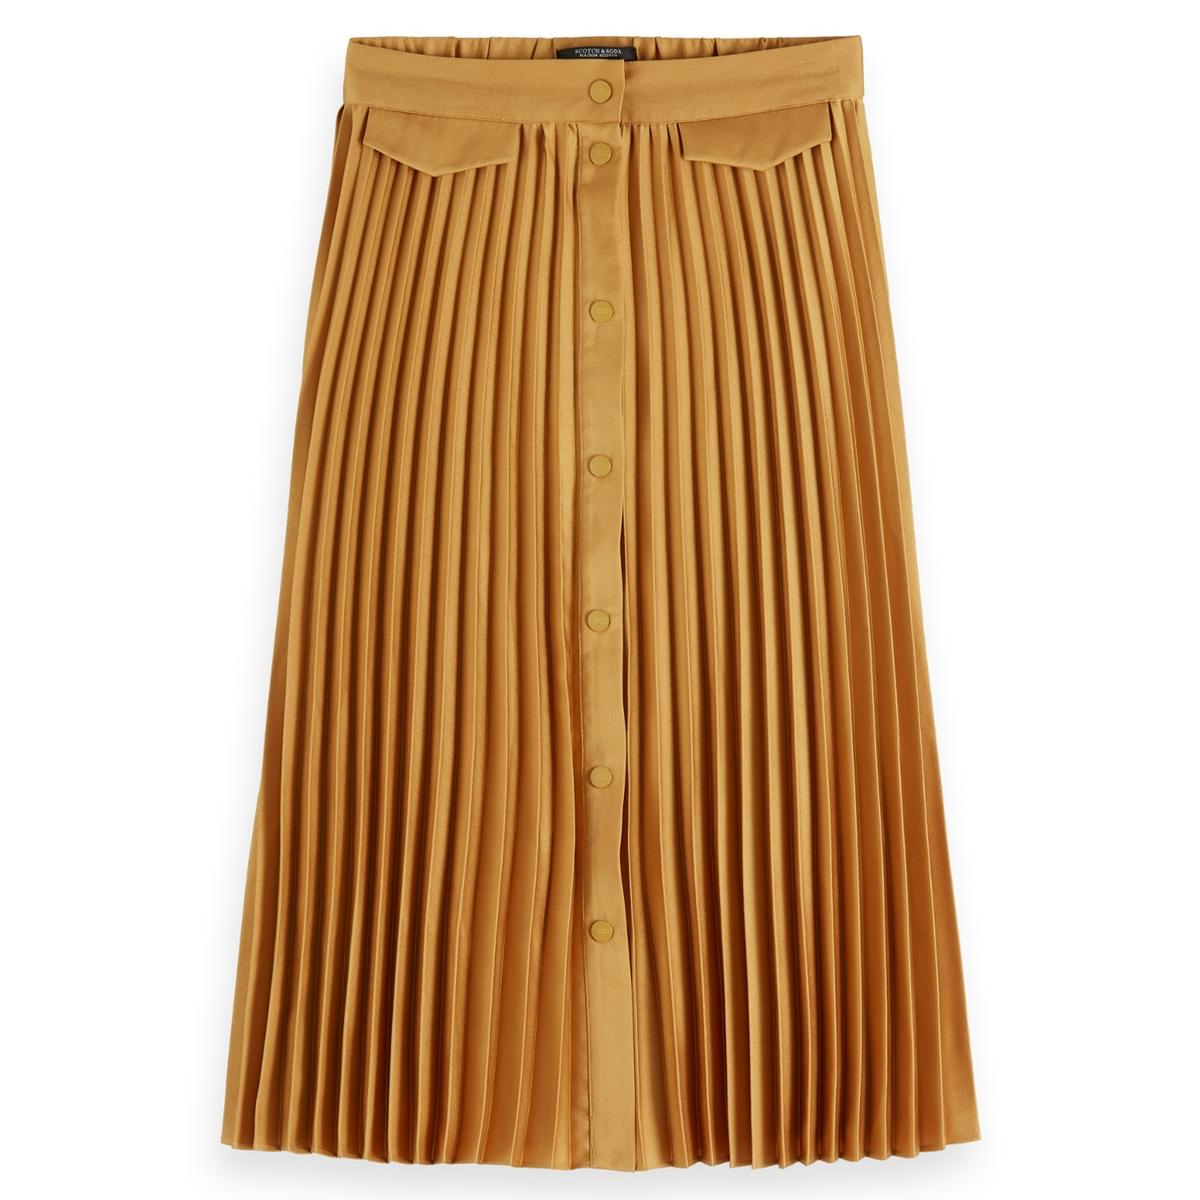 Юбка-миди La Redoute На пуговицах с плиссировкой M желтый юбка с запахом на пуговицах